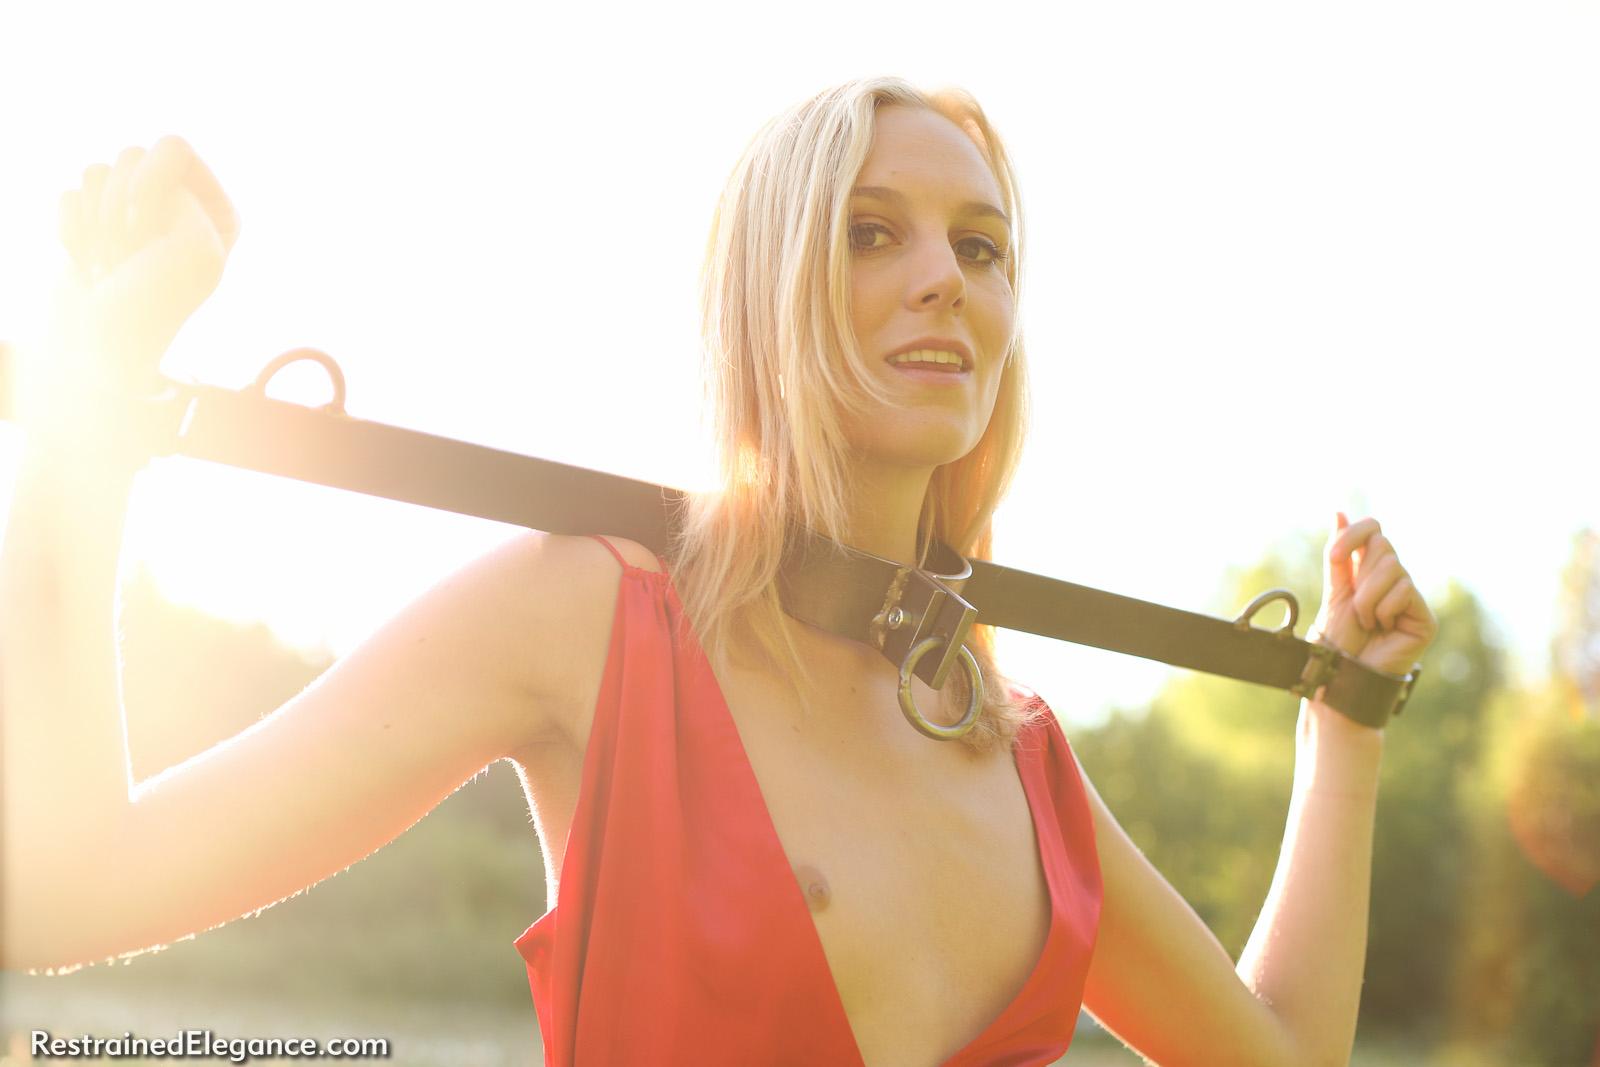 Ariel anderssen spanking sexy girls photos